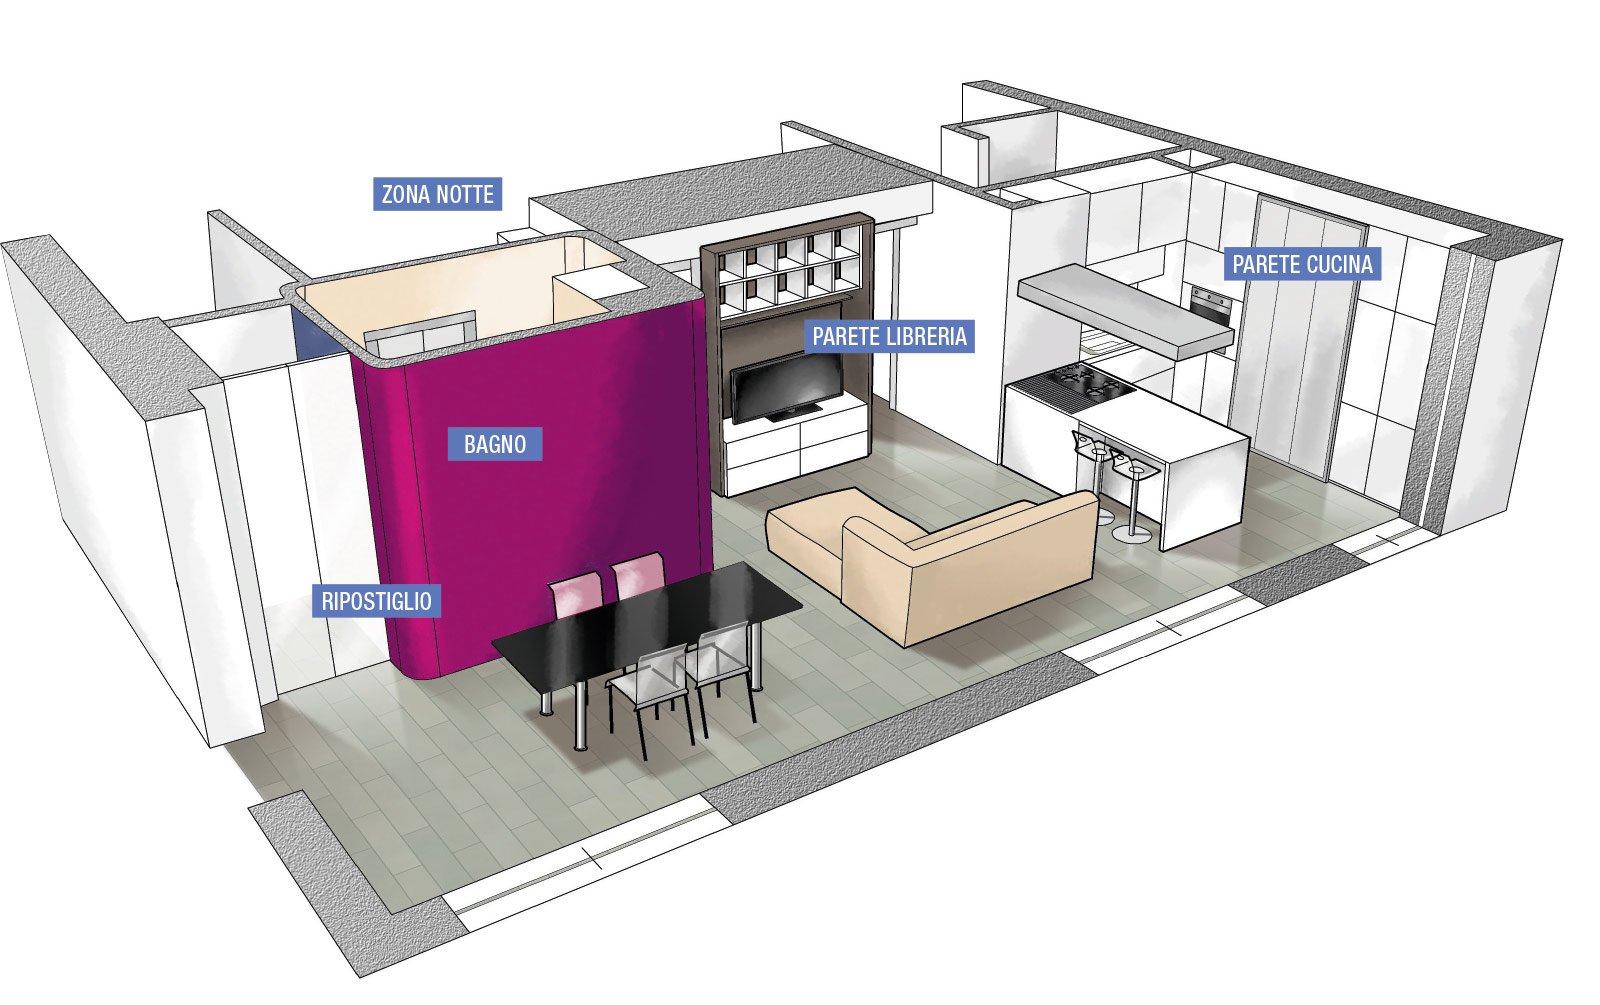 Suddivisioni ottimizzate per la casa di meno di 100 mq - Casa in comproprieta e diritto di abitazione ...